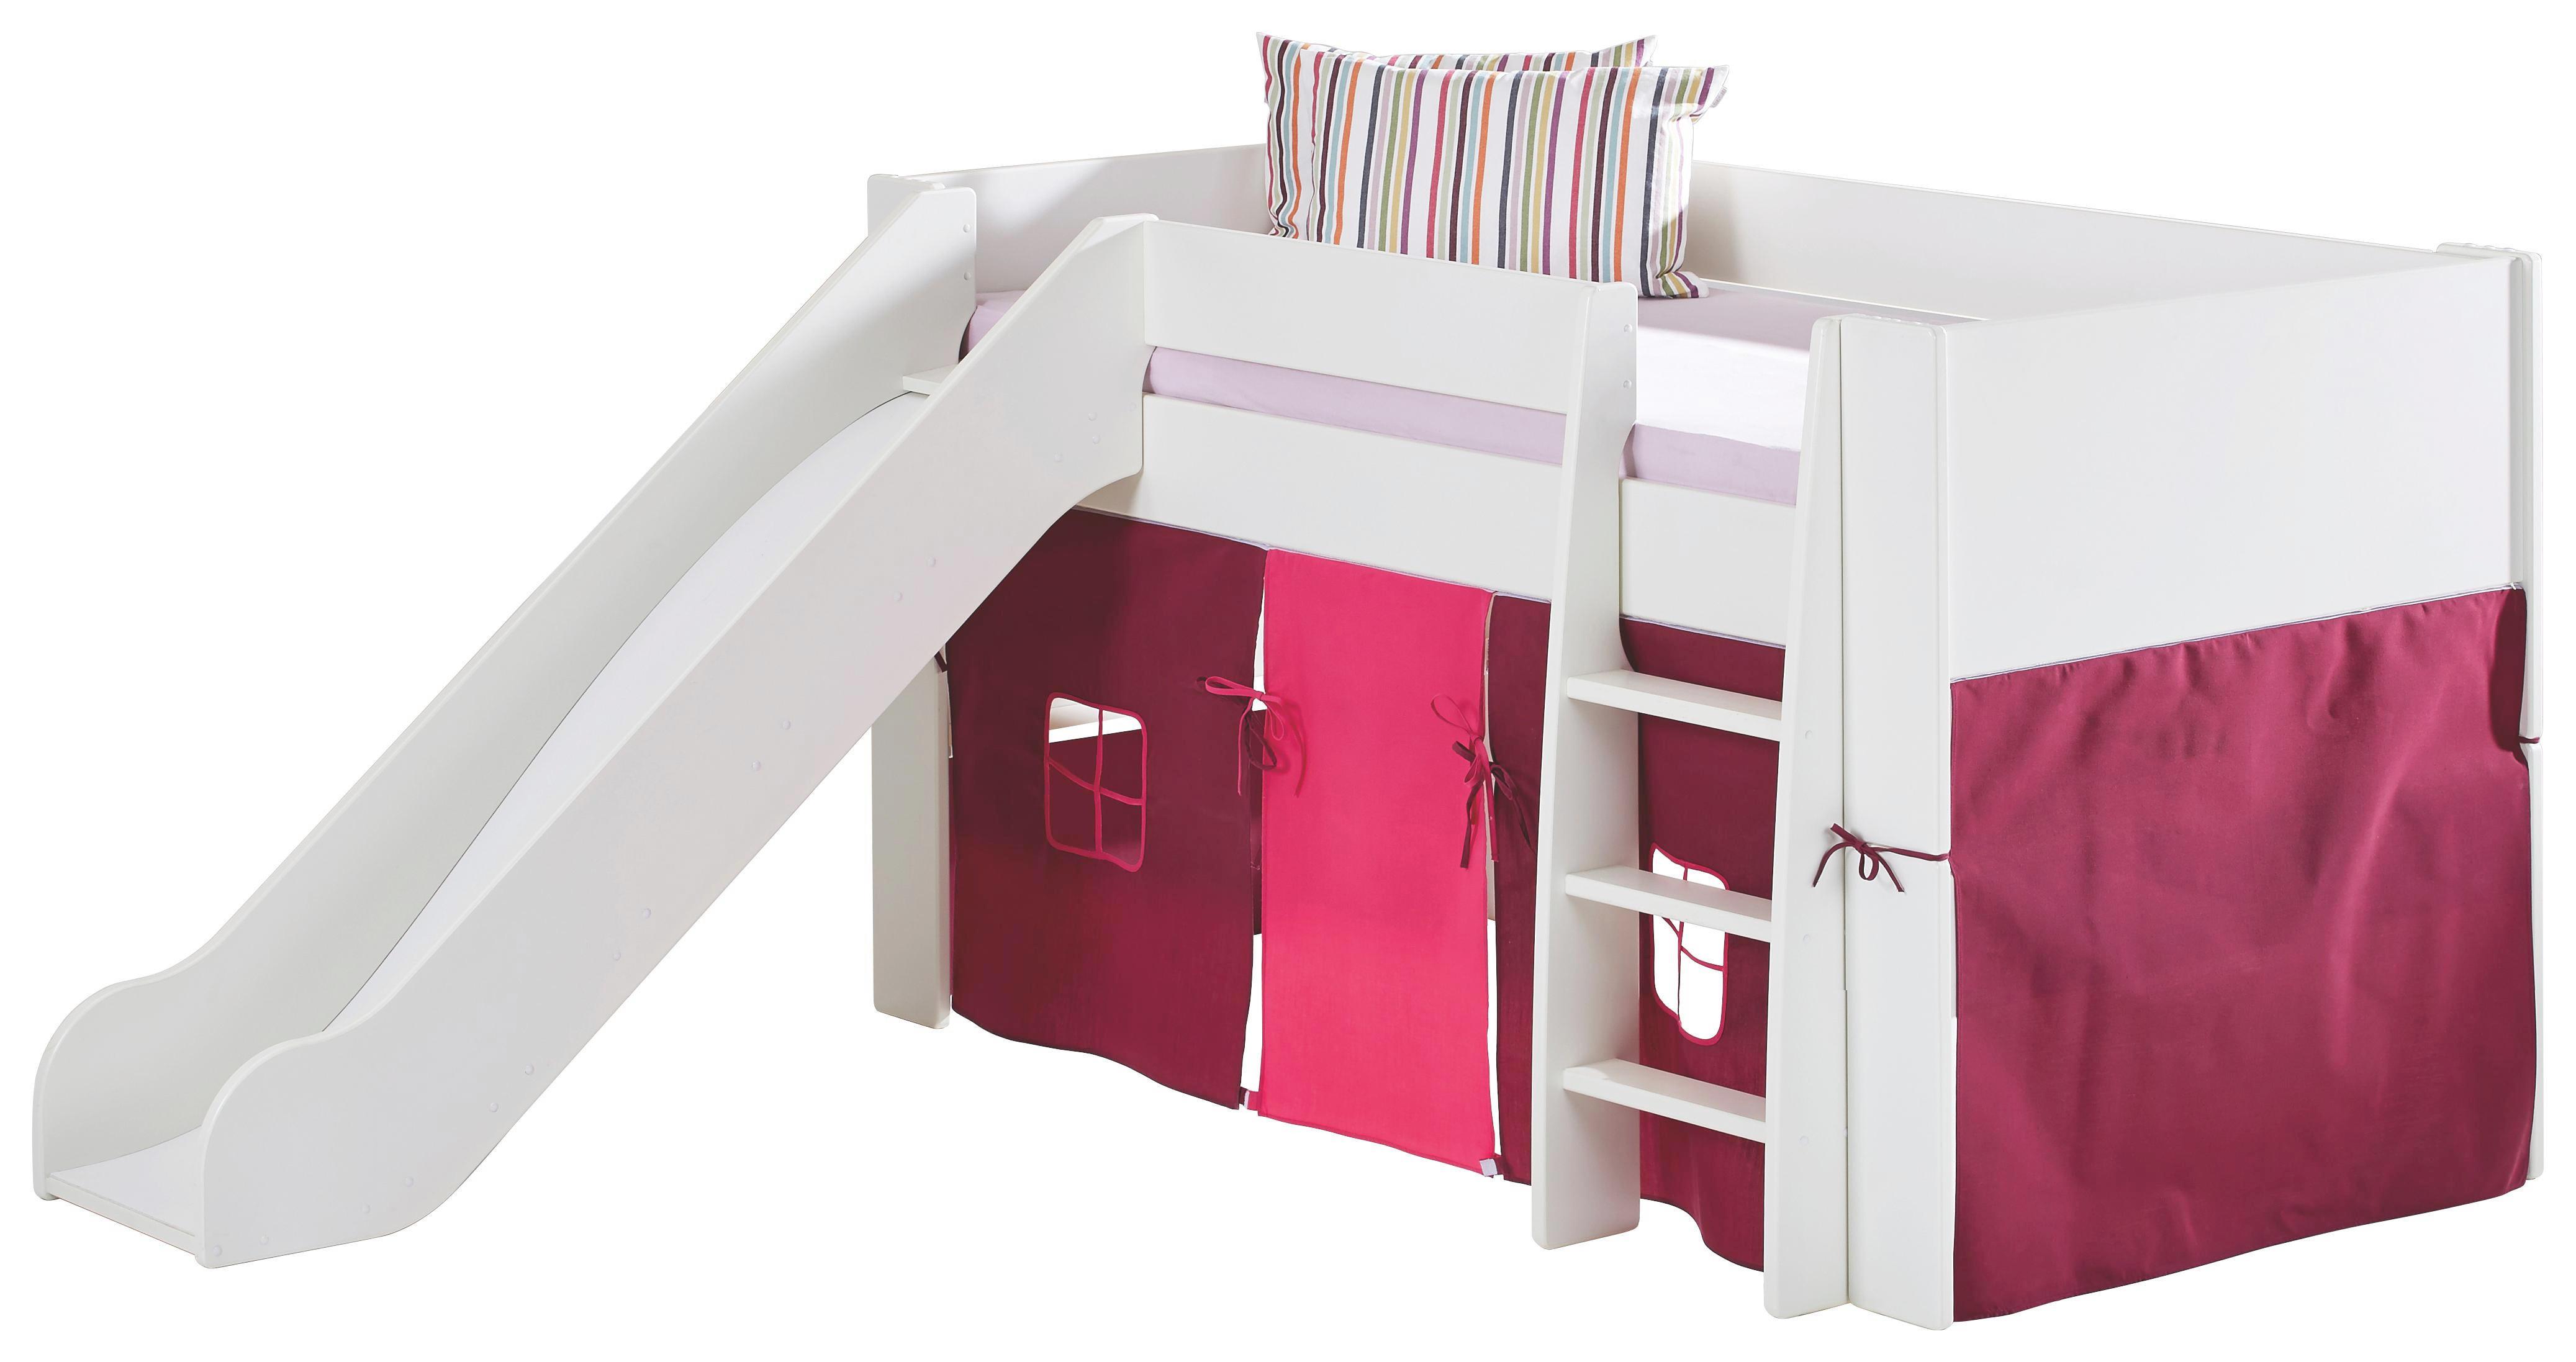 SPIELBETT Weiß - Weiß, Design, Holz (206/113/254cm) - CARRYHOME